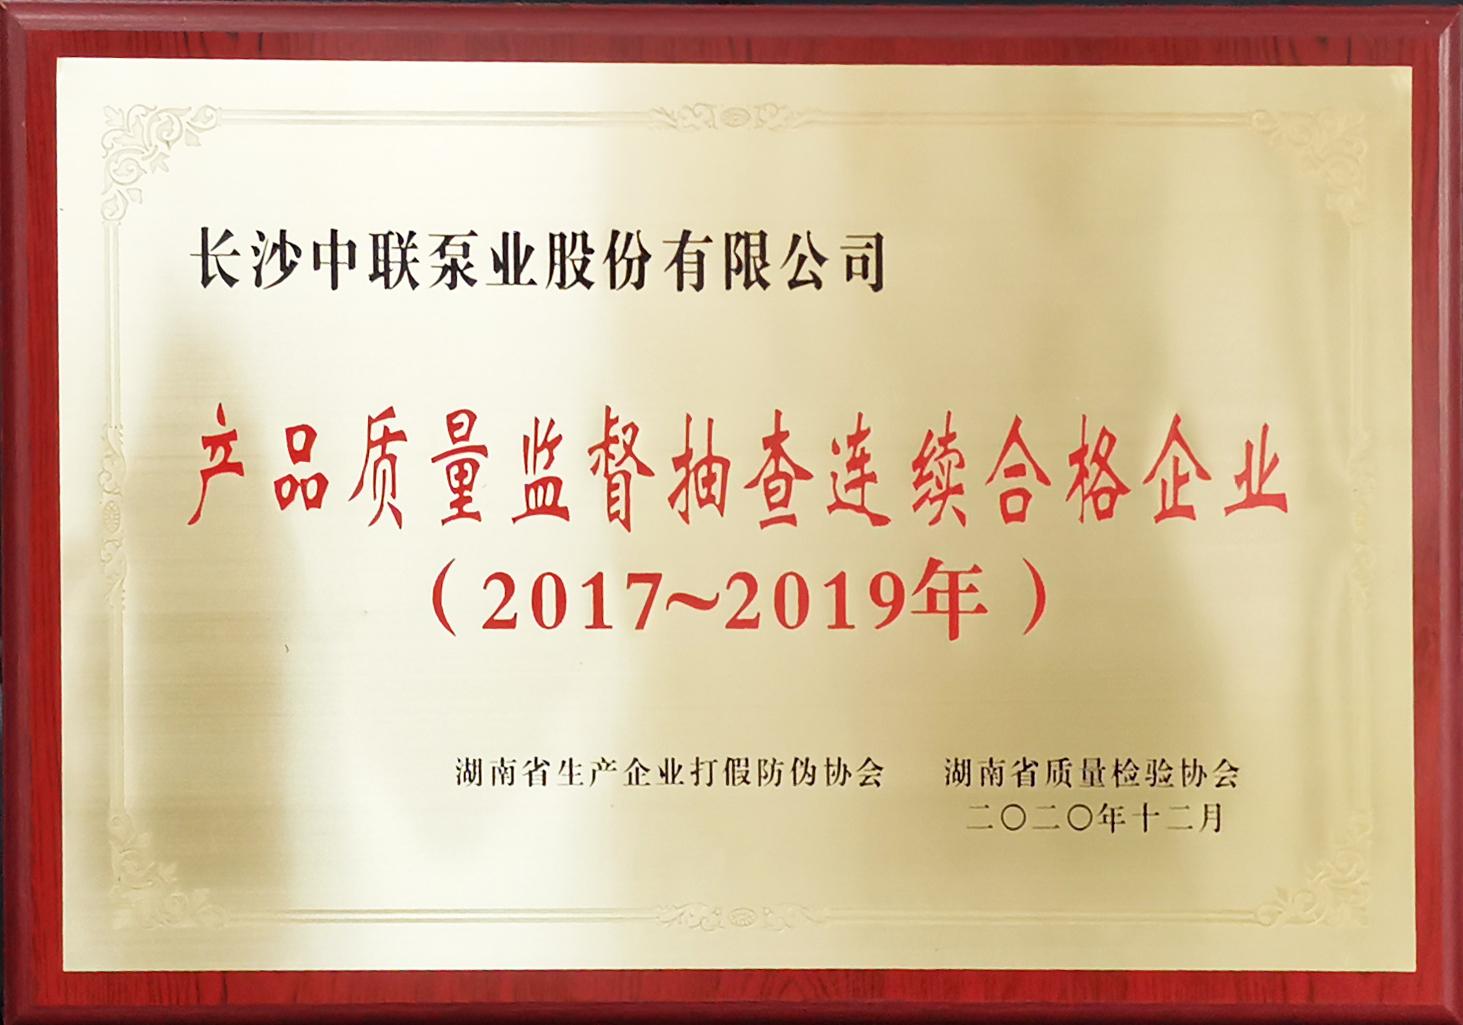 """600中聯泵業榮獲連續3年""""產品質量監督抽查連續合格企業"""""""